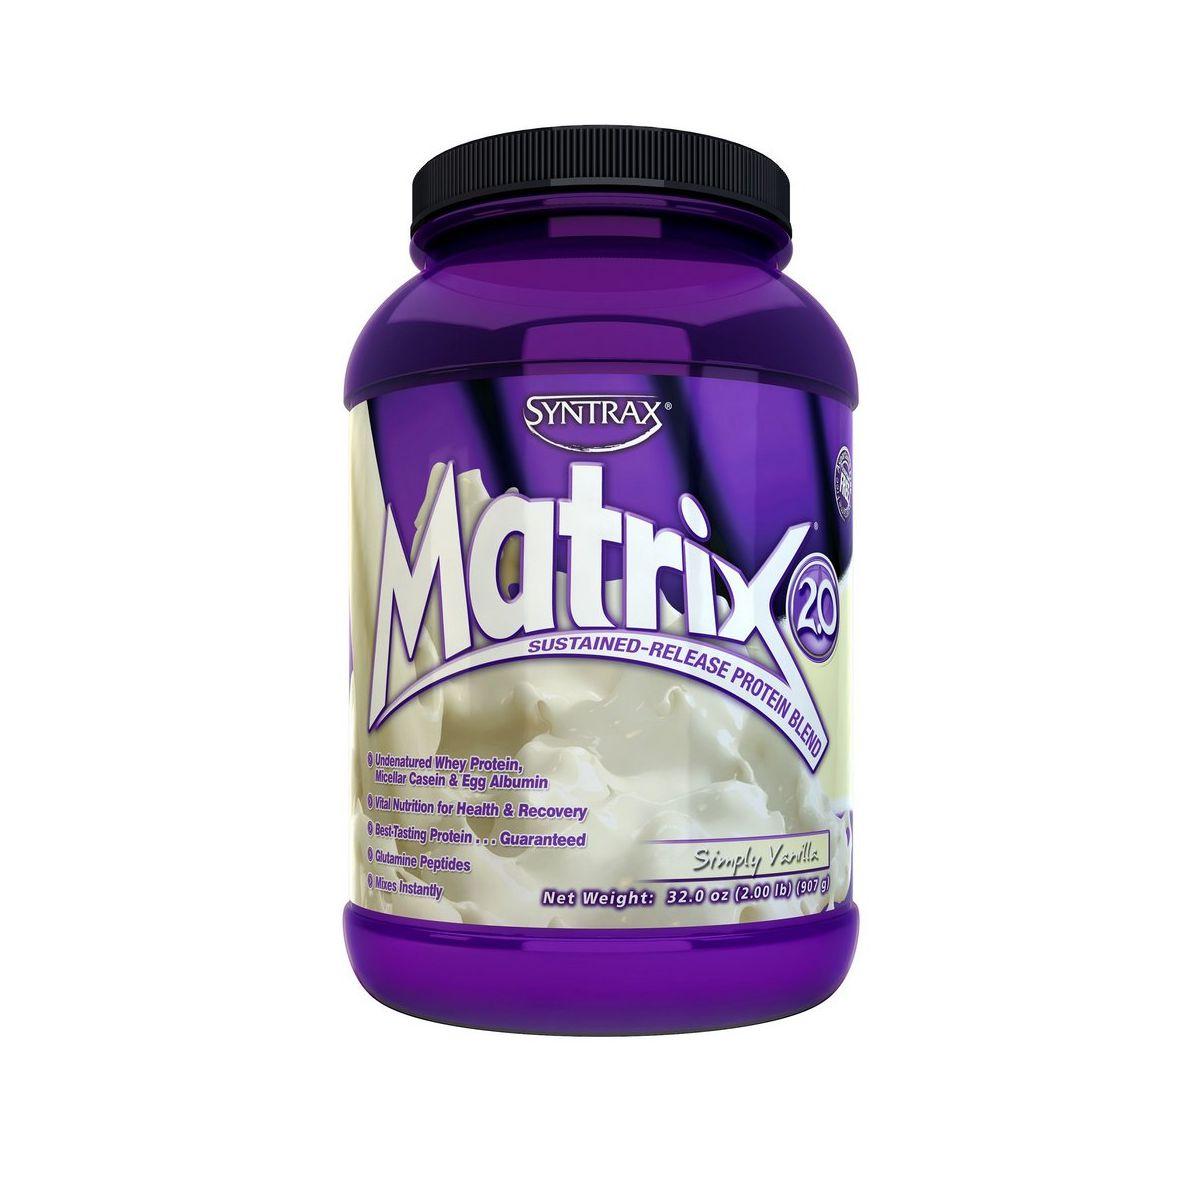 Whey Matrix 907g - Syntrax